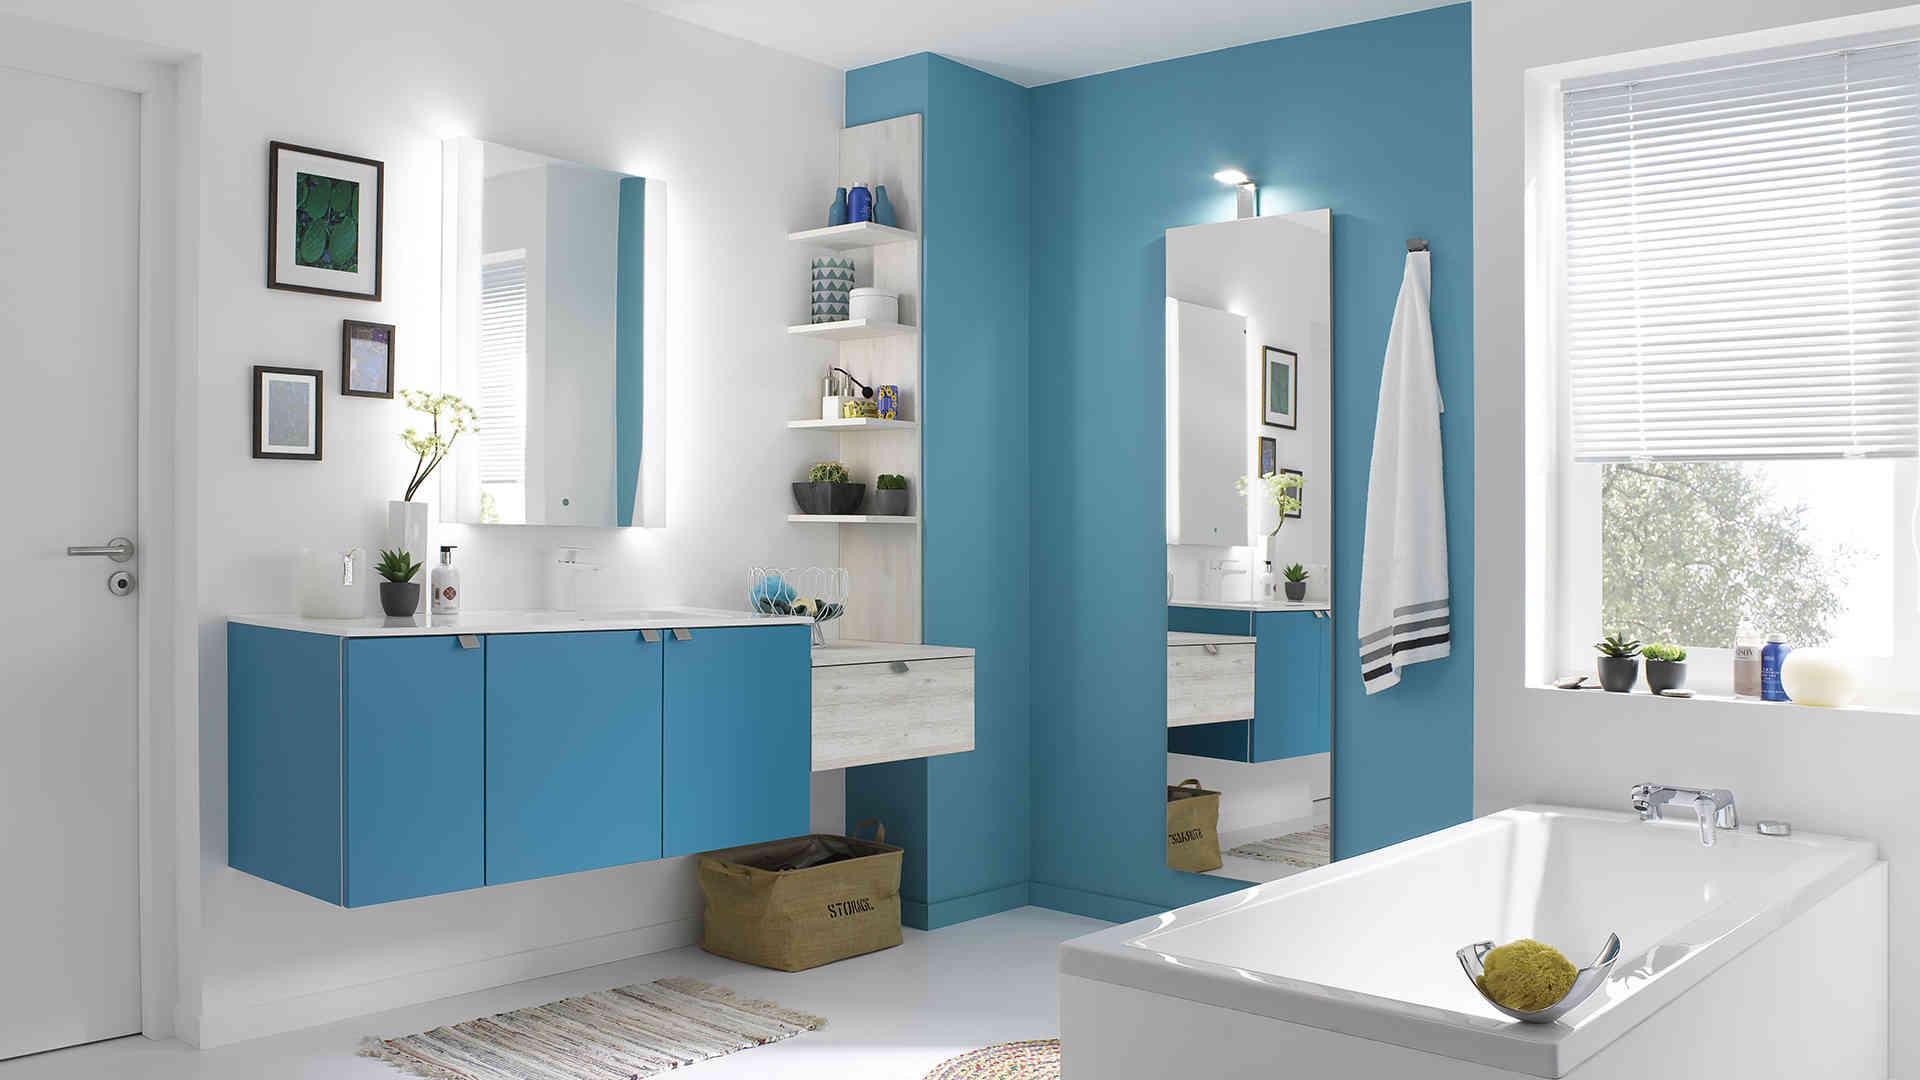 Les meubles de salle de bain un quipement pratique et for Equipement de salle de bain